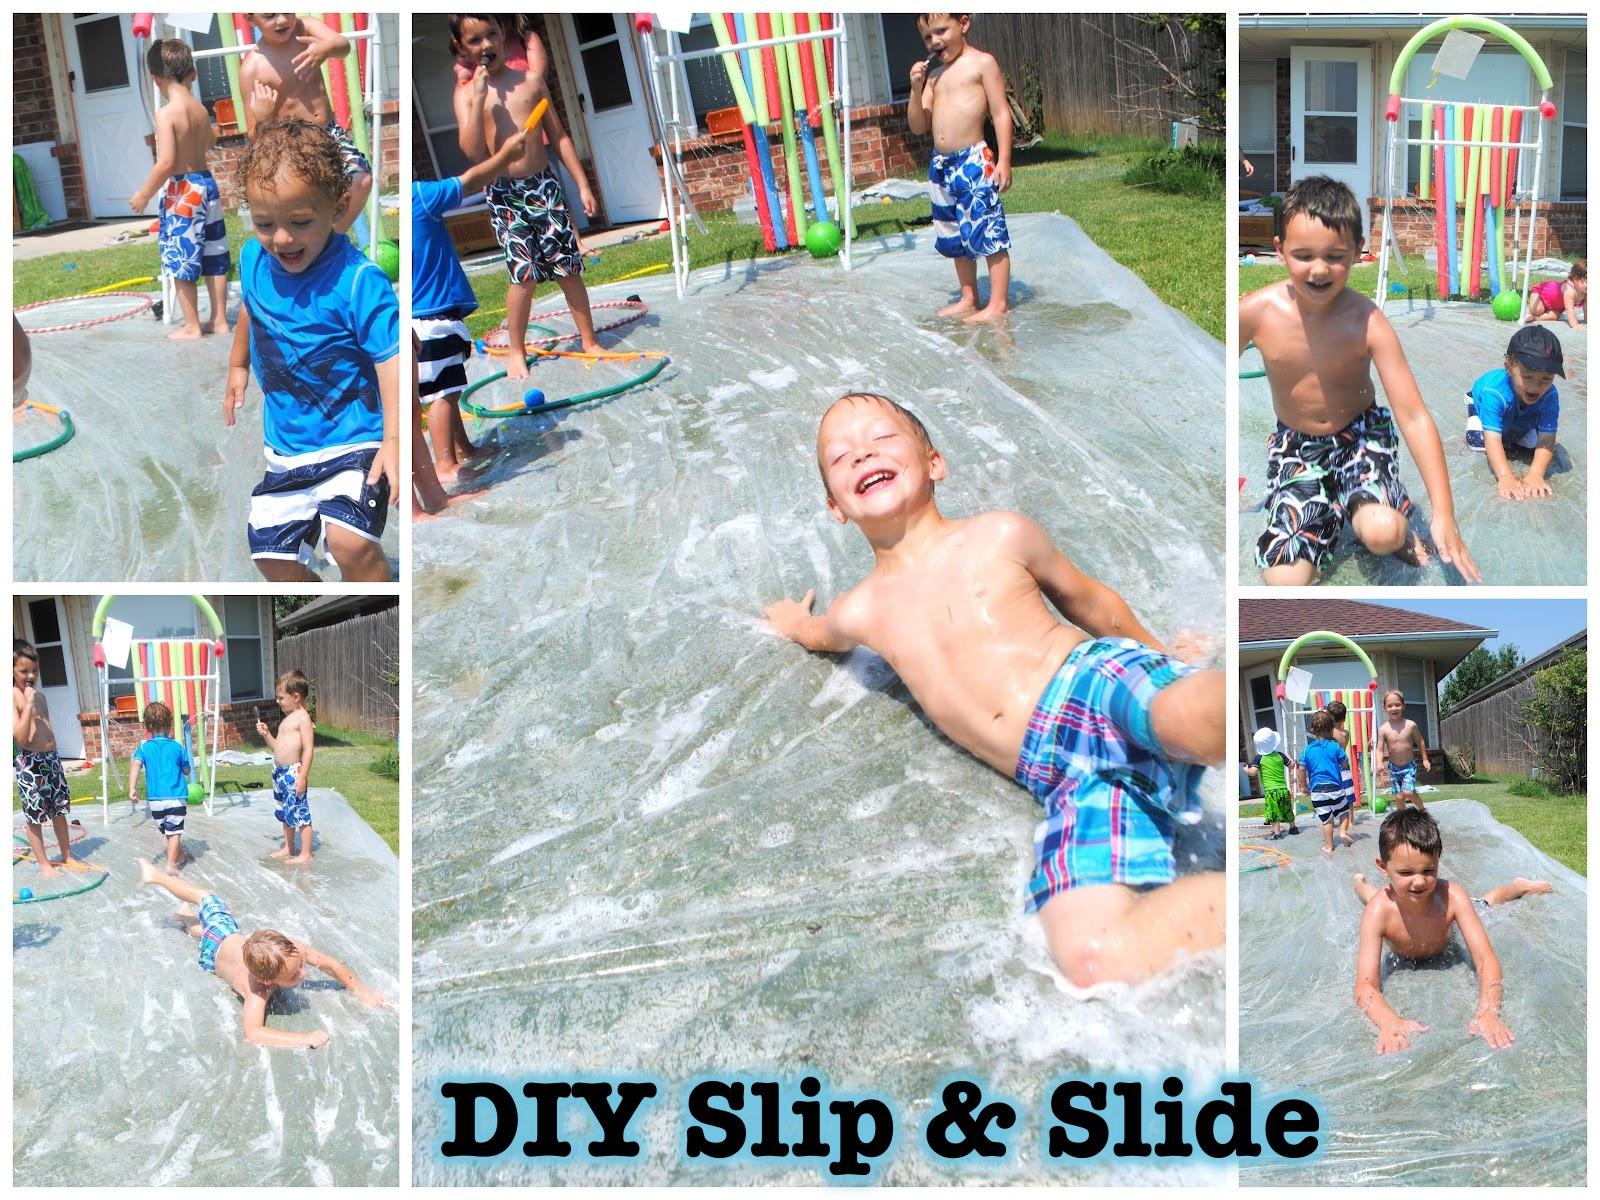 DIY Slip & Slide